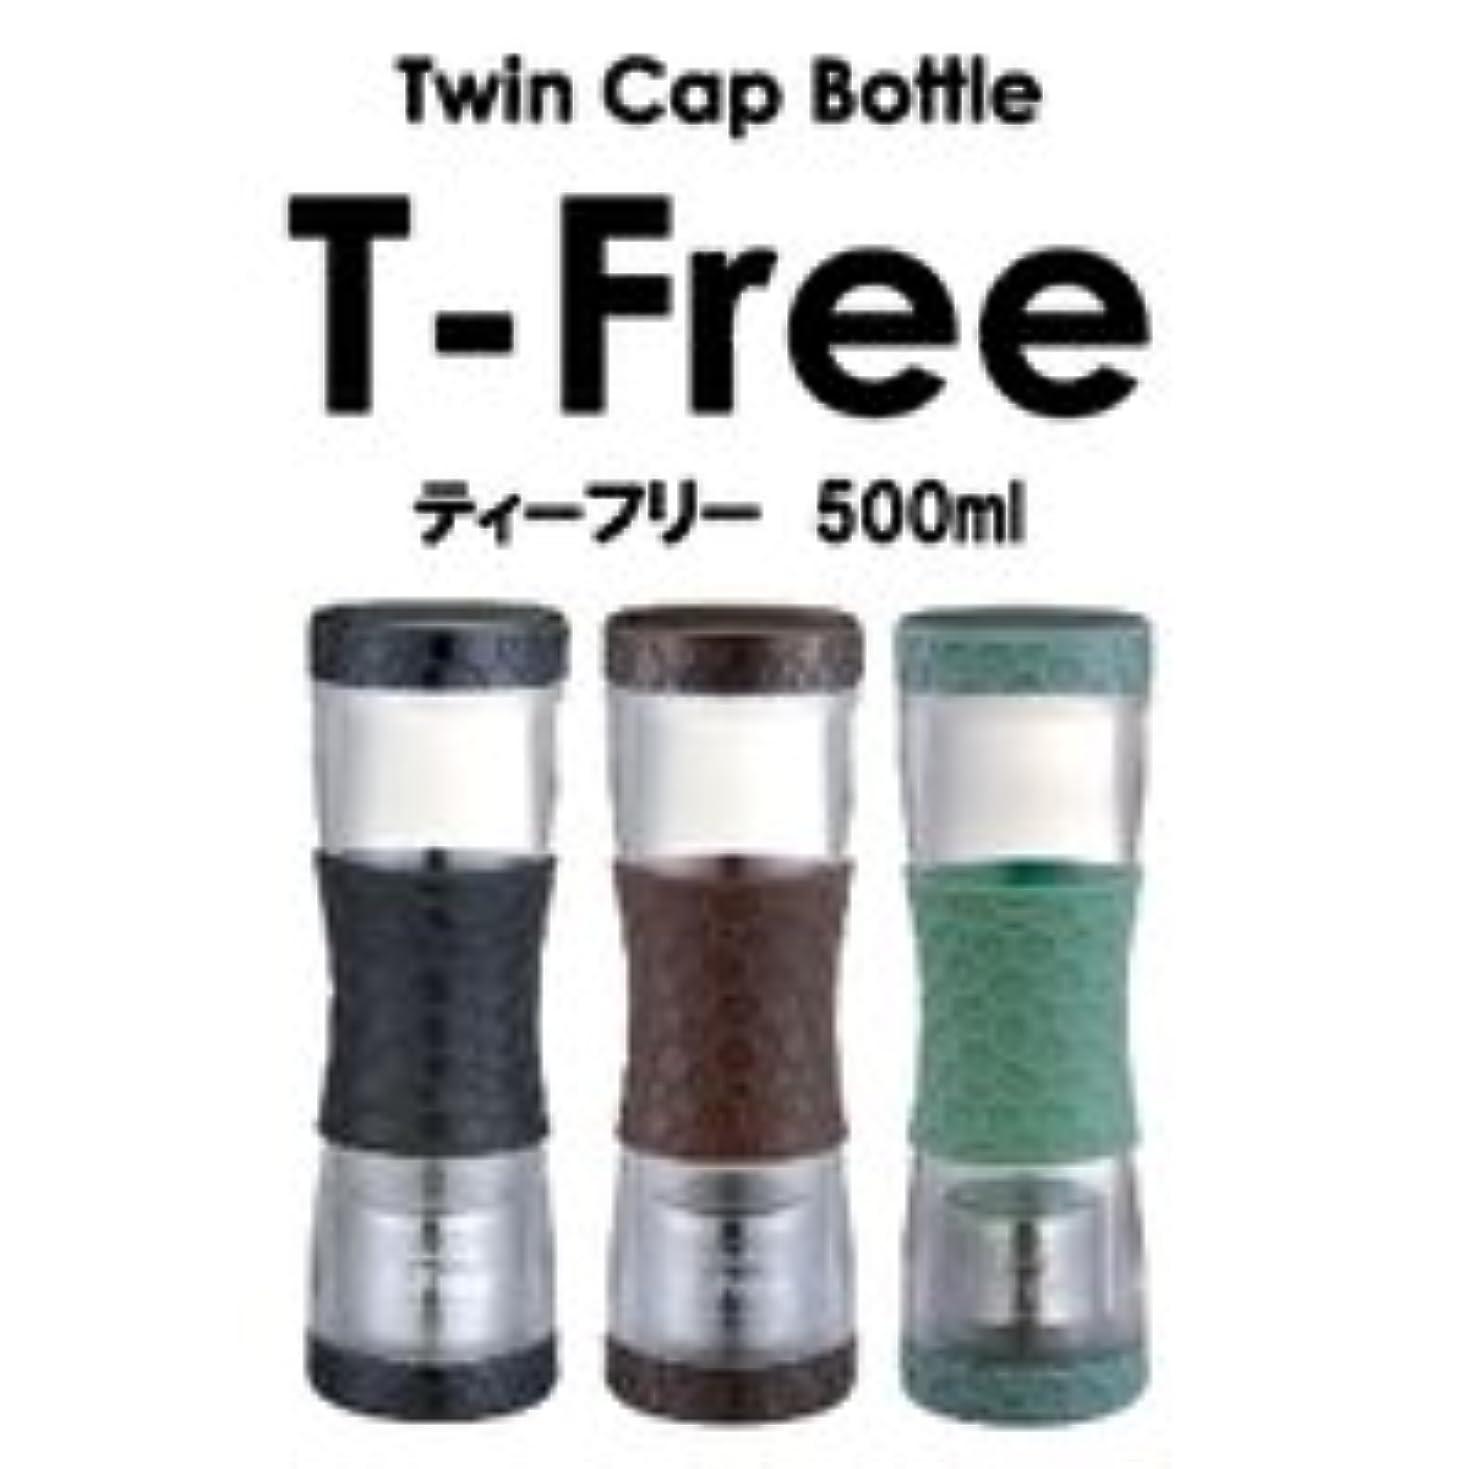 スカイ主張便利さティーフリー500ml T-Free (カラー:グリーン) ※使い方自由なツインキャップボトル